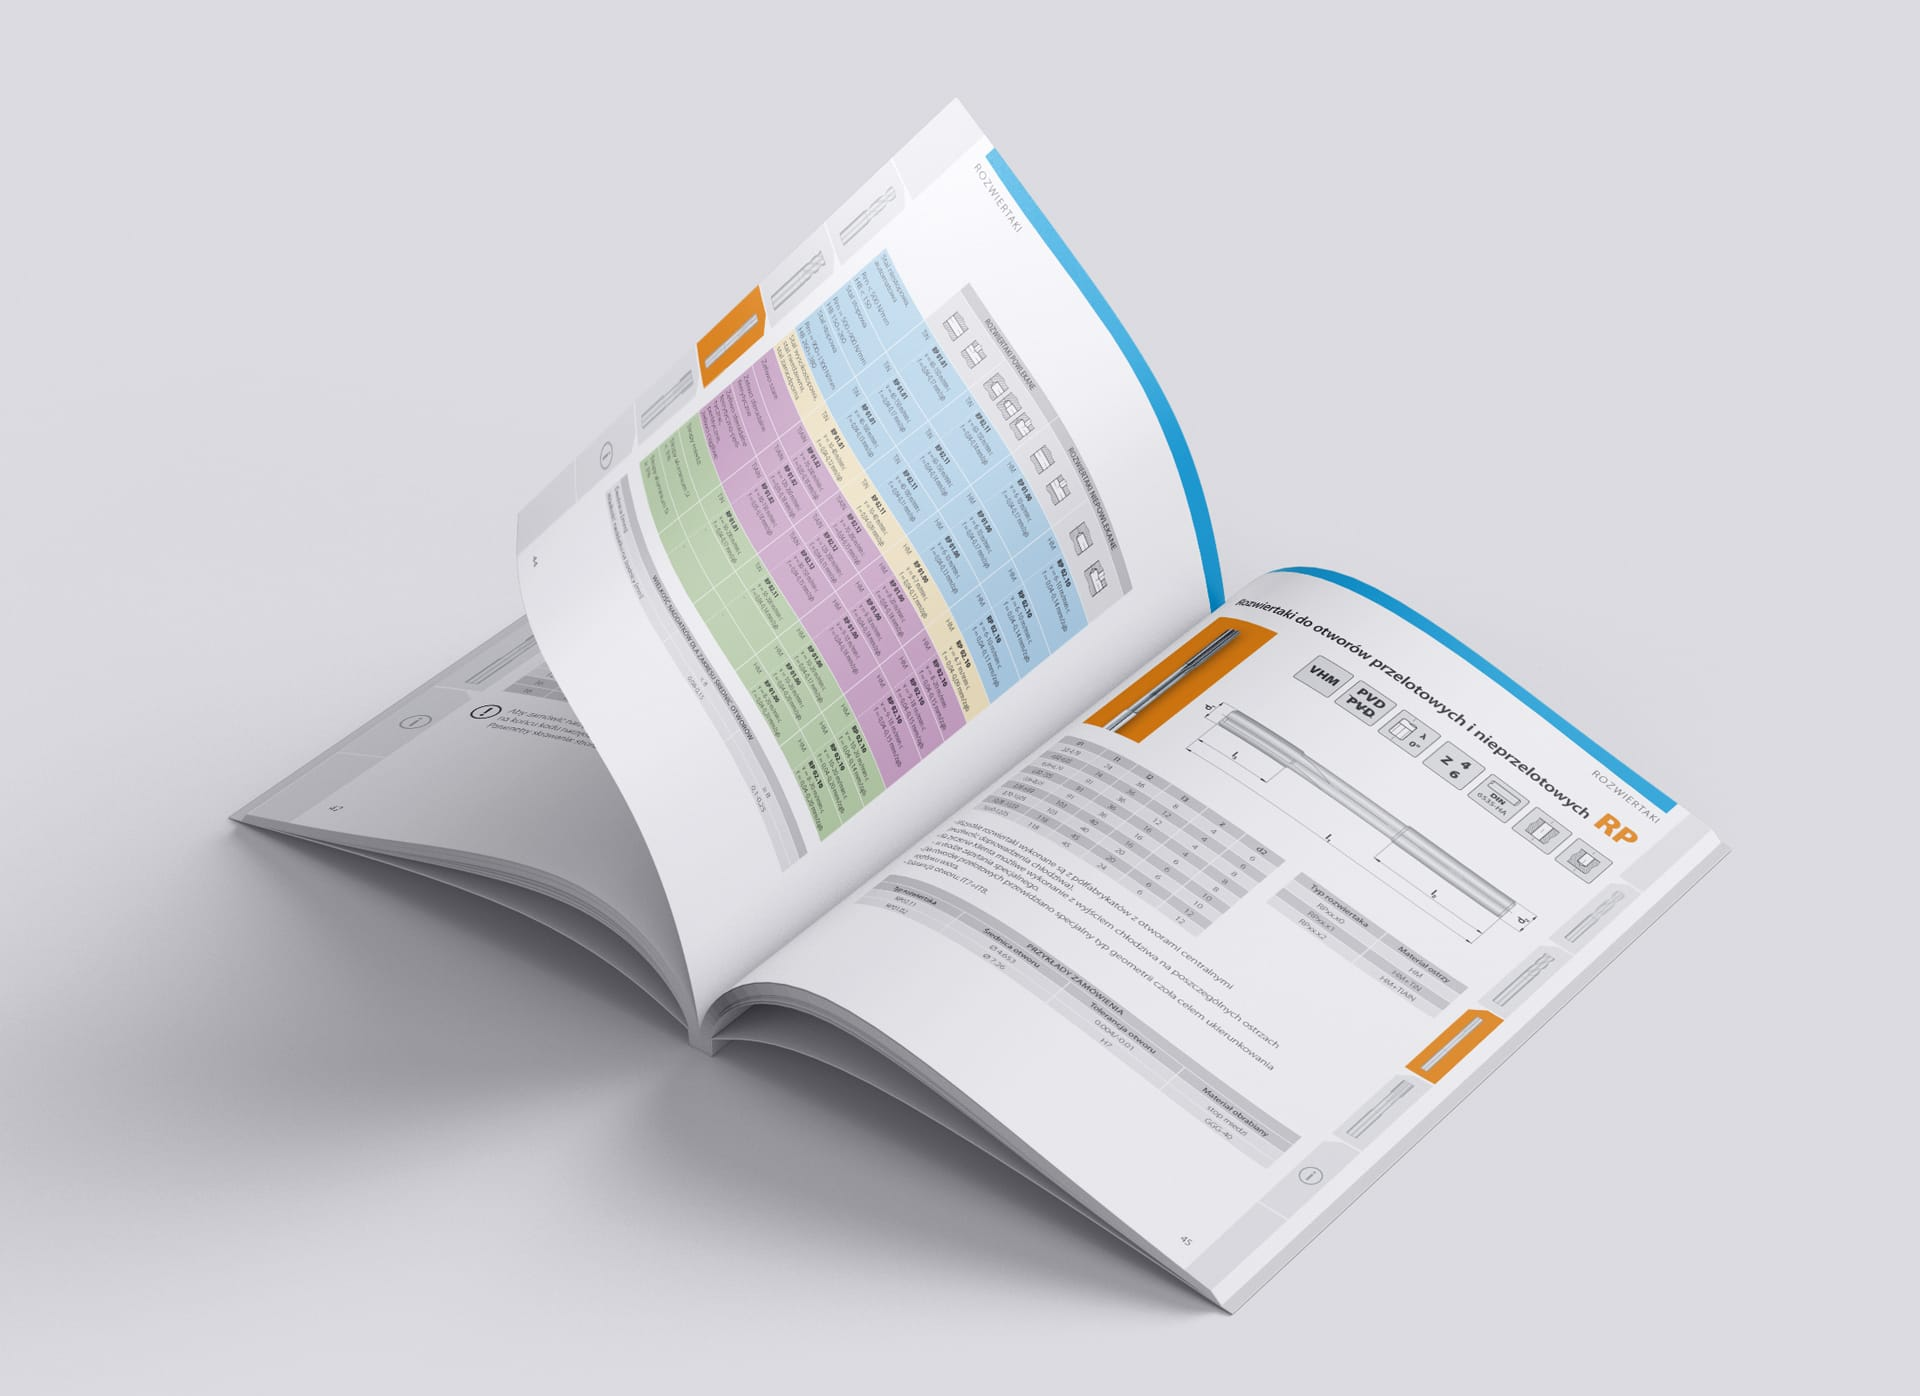 Komet Urpol zestaw brandingowy, katalogi produktowe 68 str., broszury reklamowe, reklamy prasowe